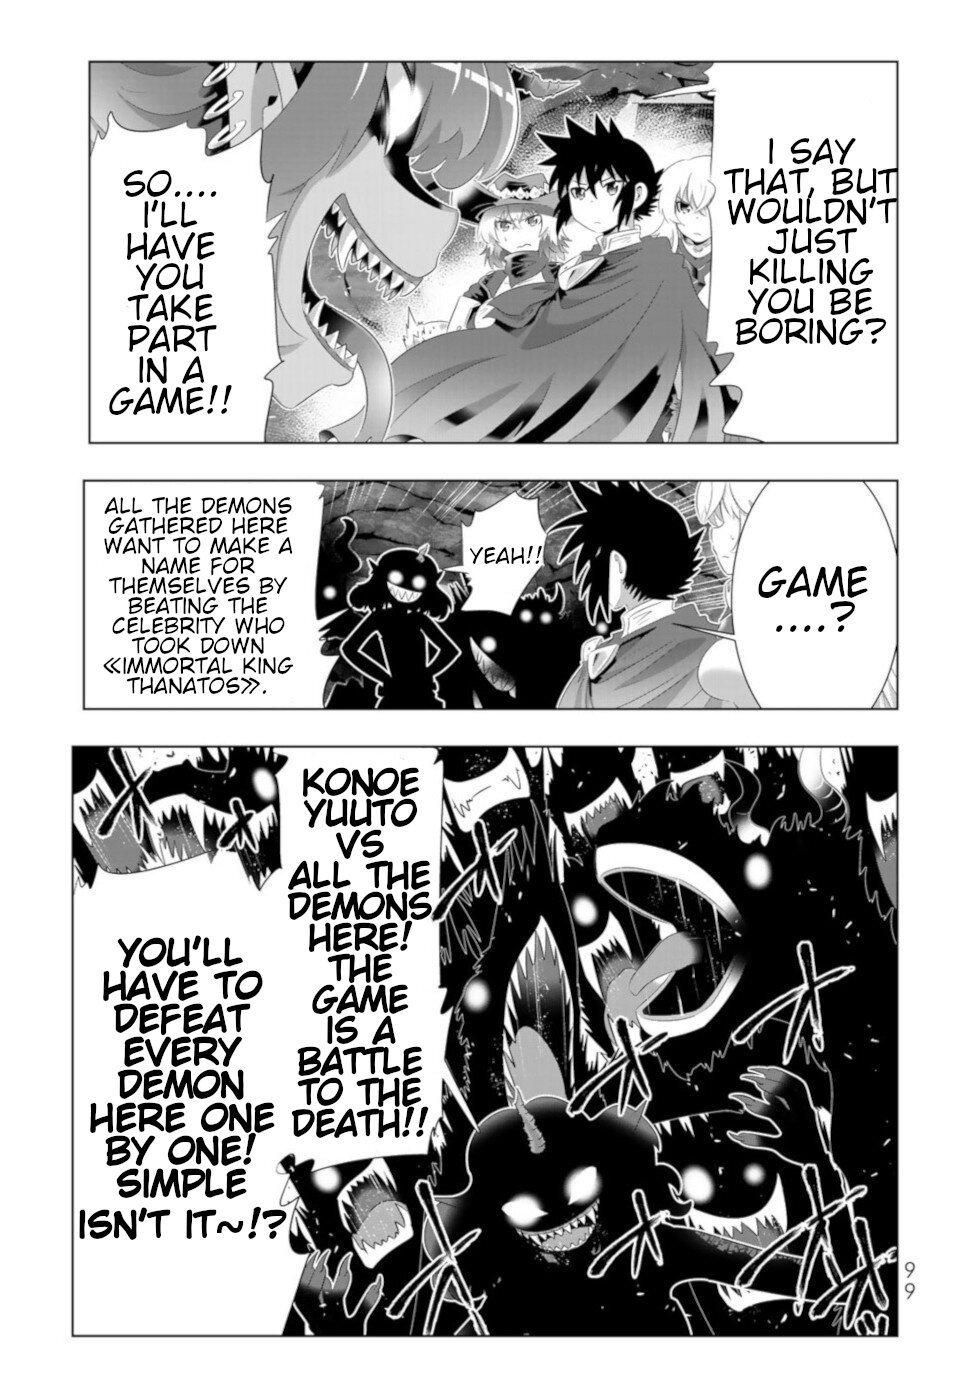 Manga Isekai Shihai no Skill Taker: Zero kara Hajimeru Dorei Harem - Chapter 62 Page 2